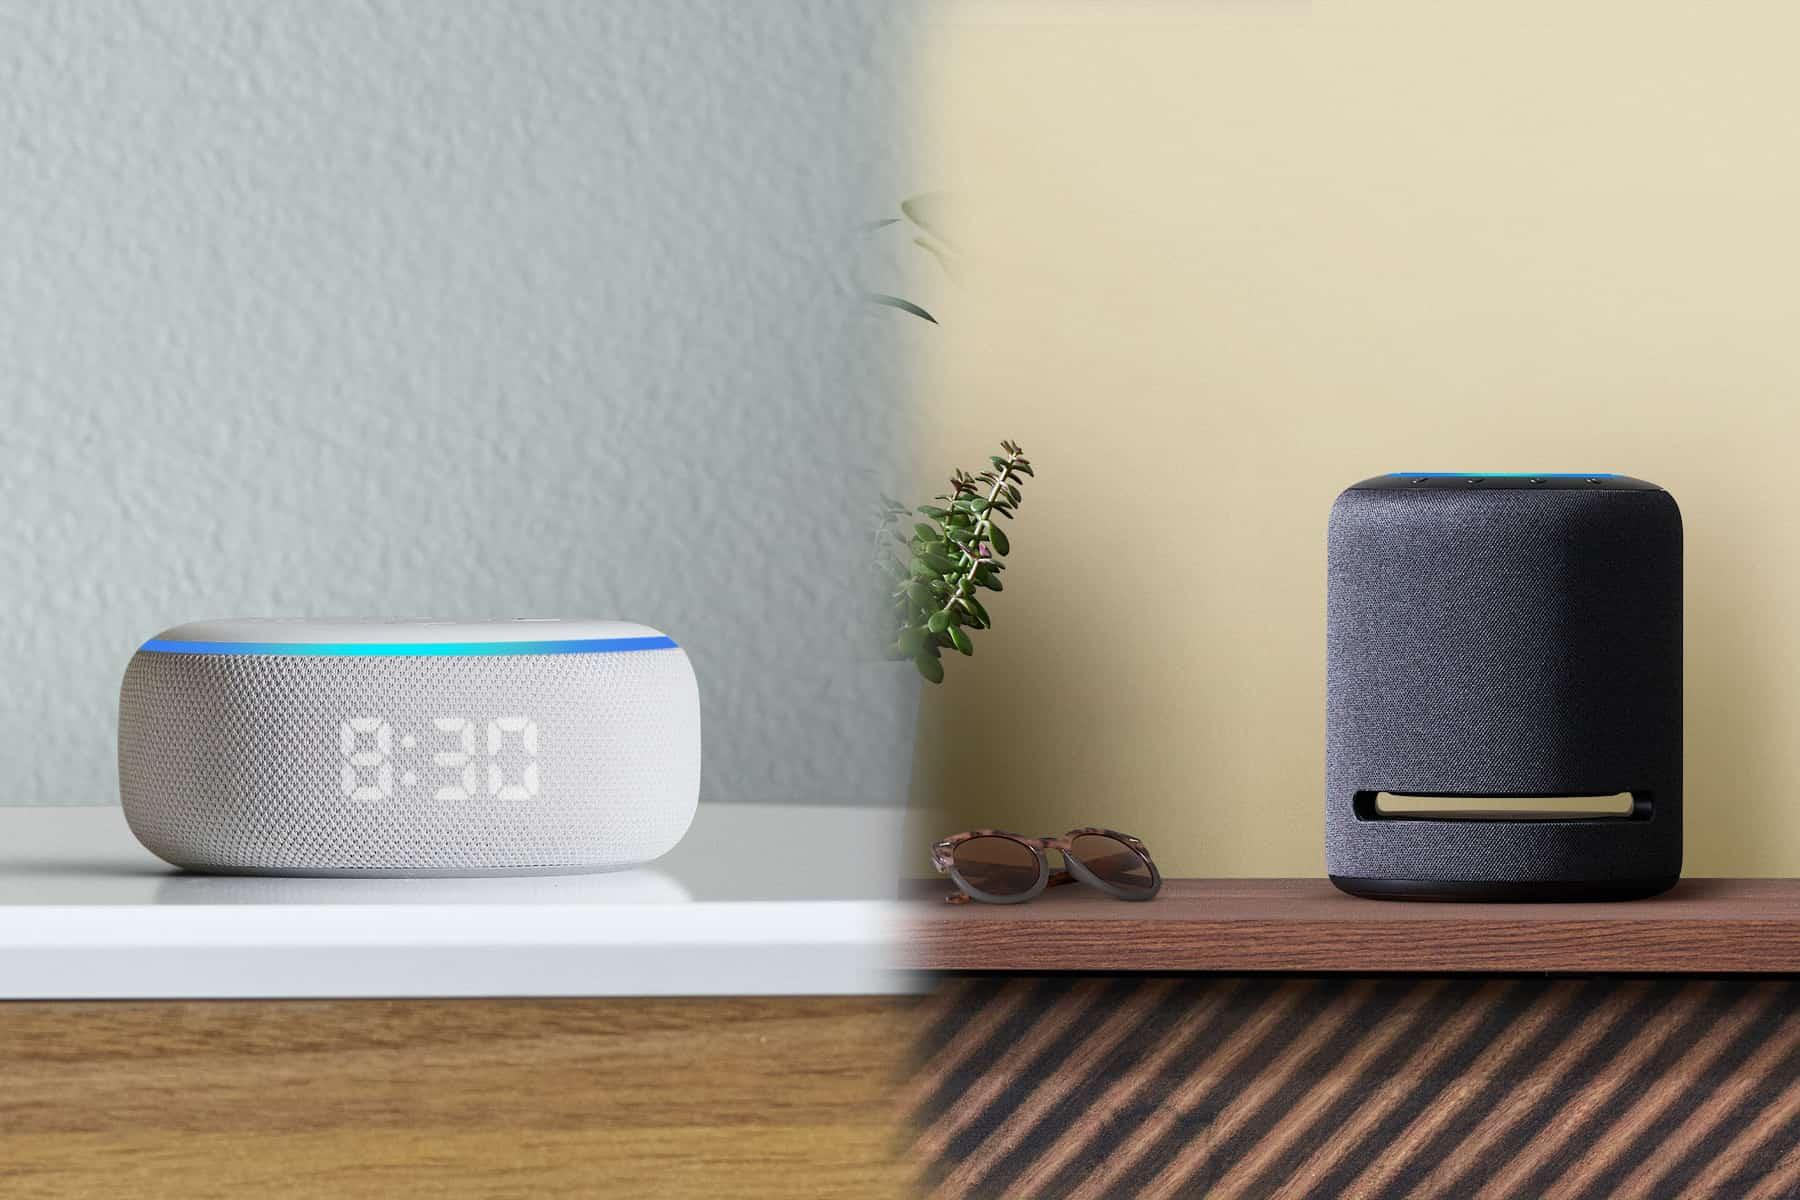 Amazon Echo Studio sidetable 1